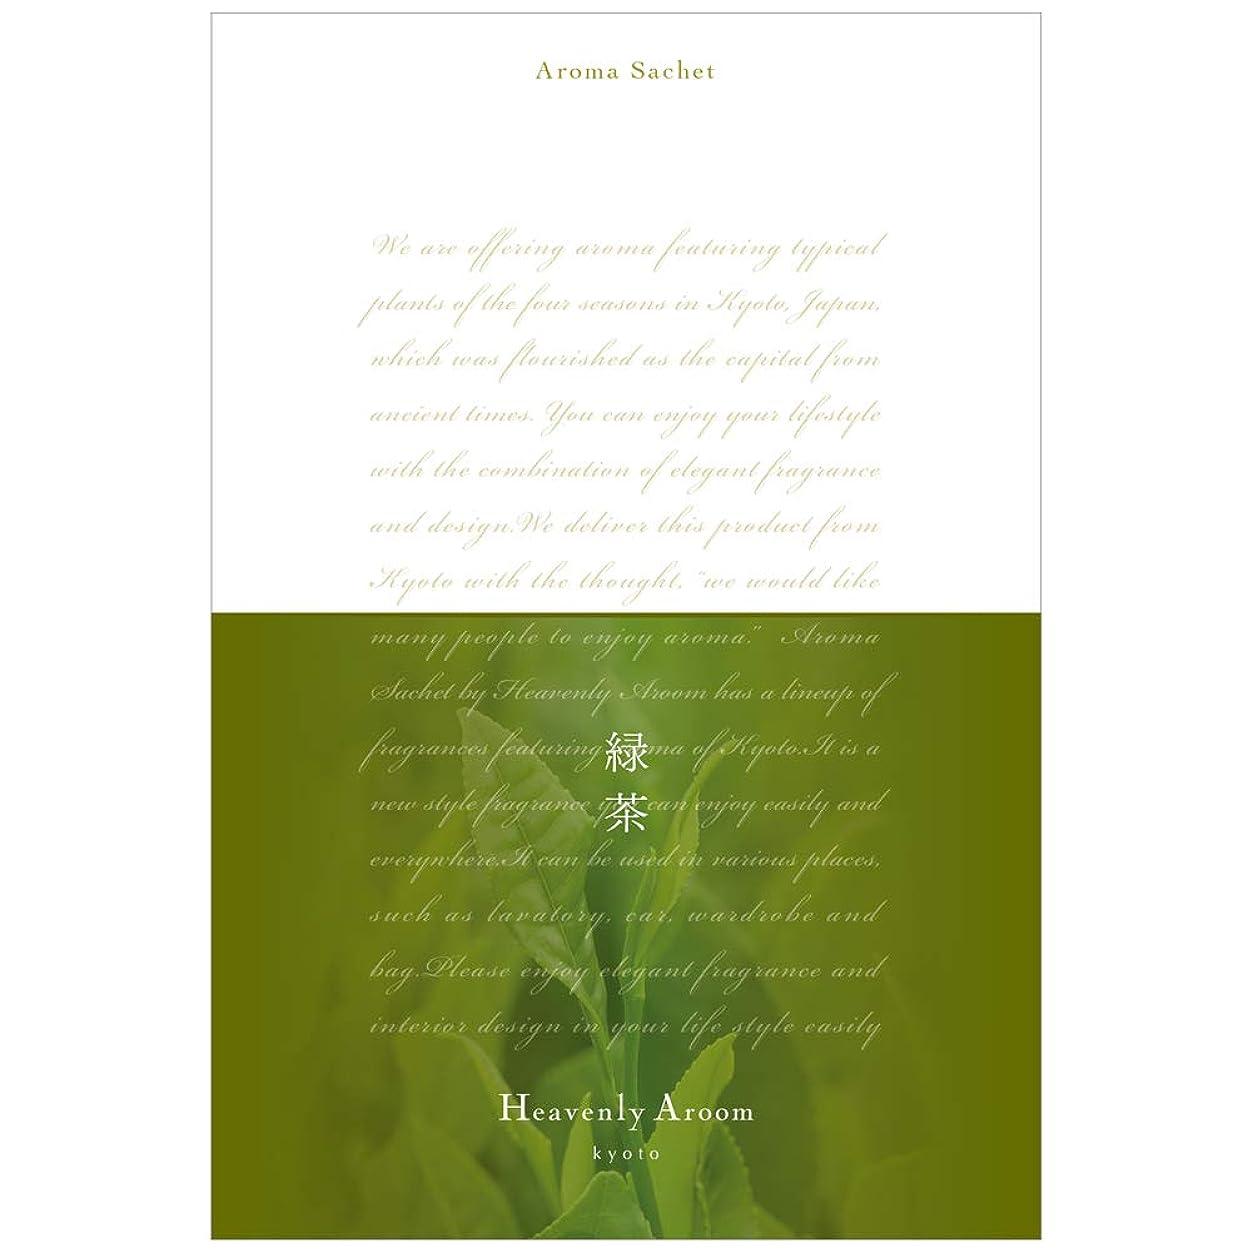 番号入植者反論Heavenly Aroom アロマサシェL 緑茶